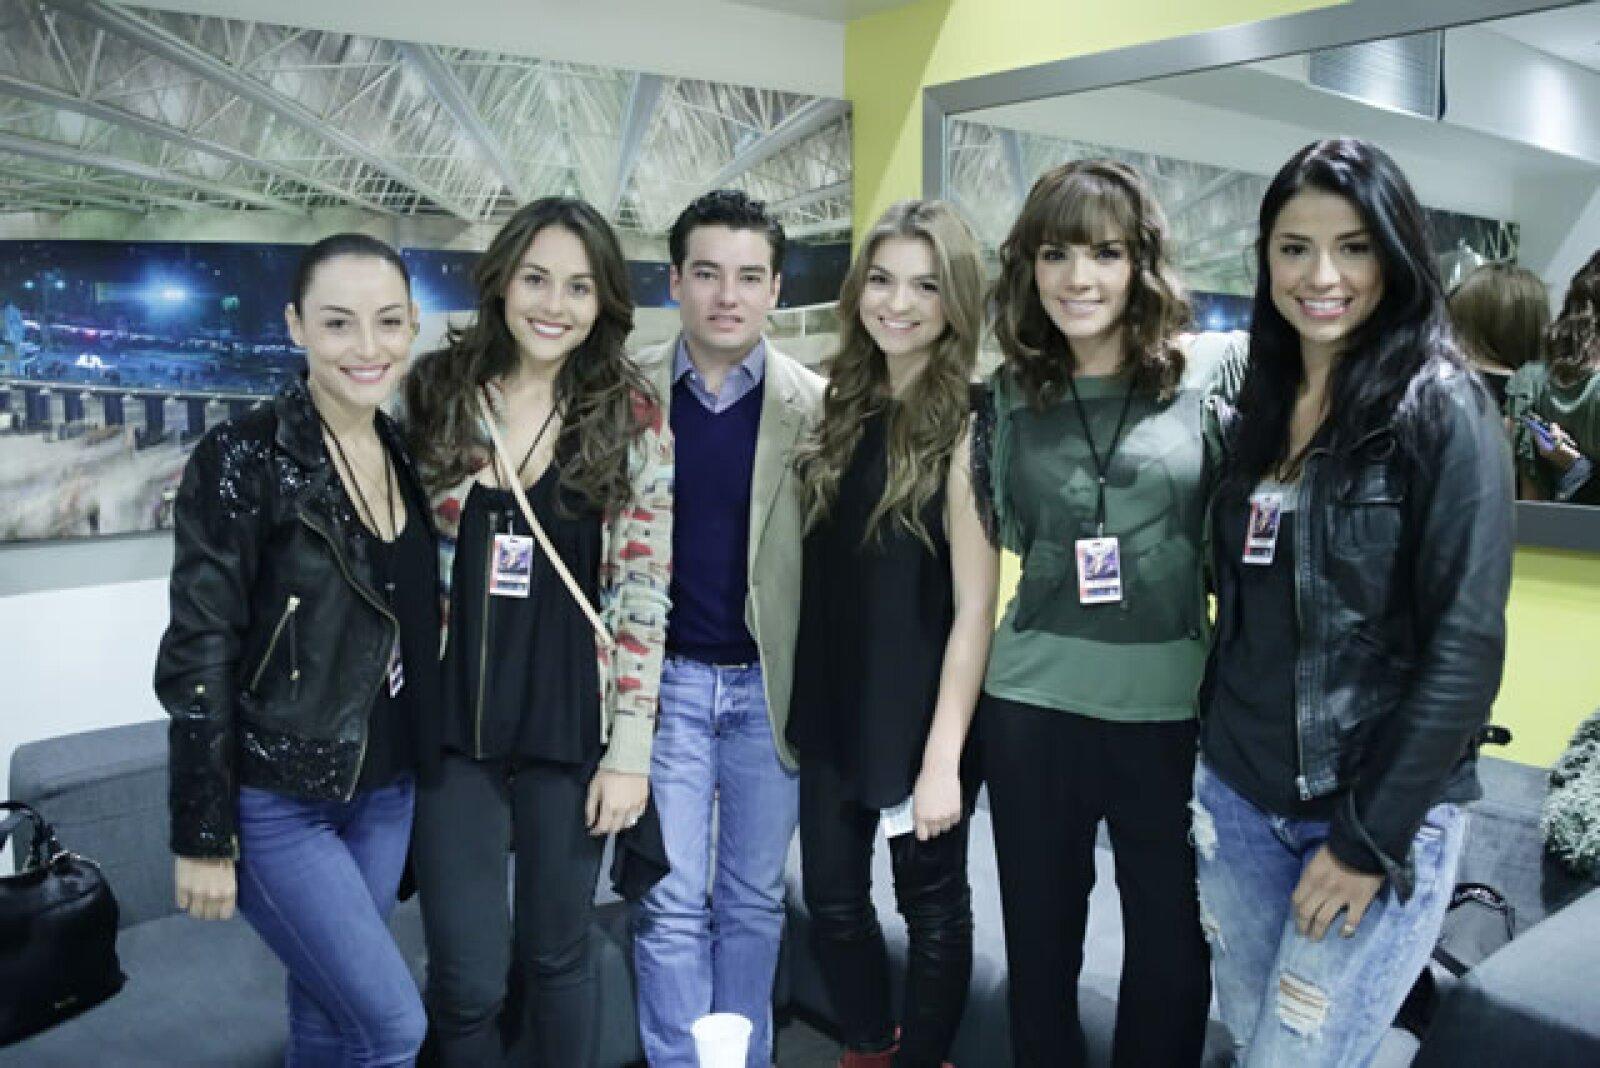 Marimar Vega, Zuria Vega, Jorge Alvarez, Sofía Castro, Rossana Nájera y Maria Fernanda Quiroz.